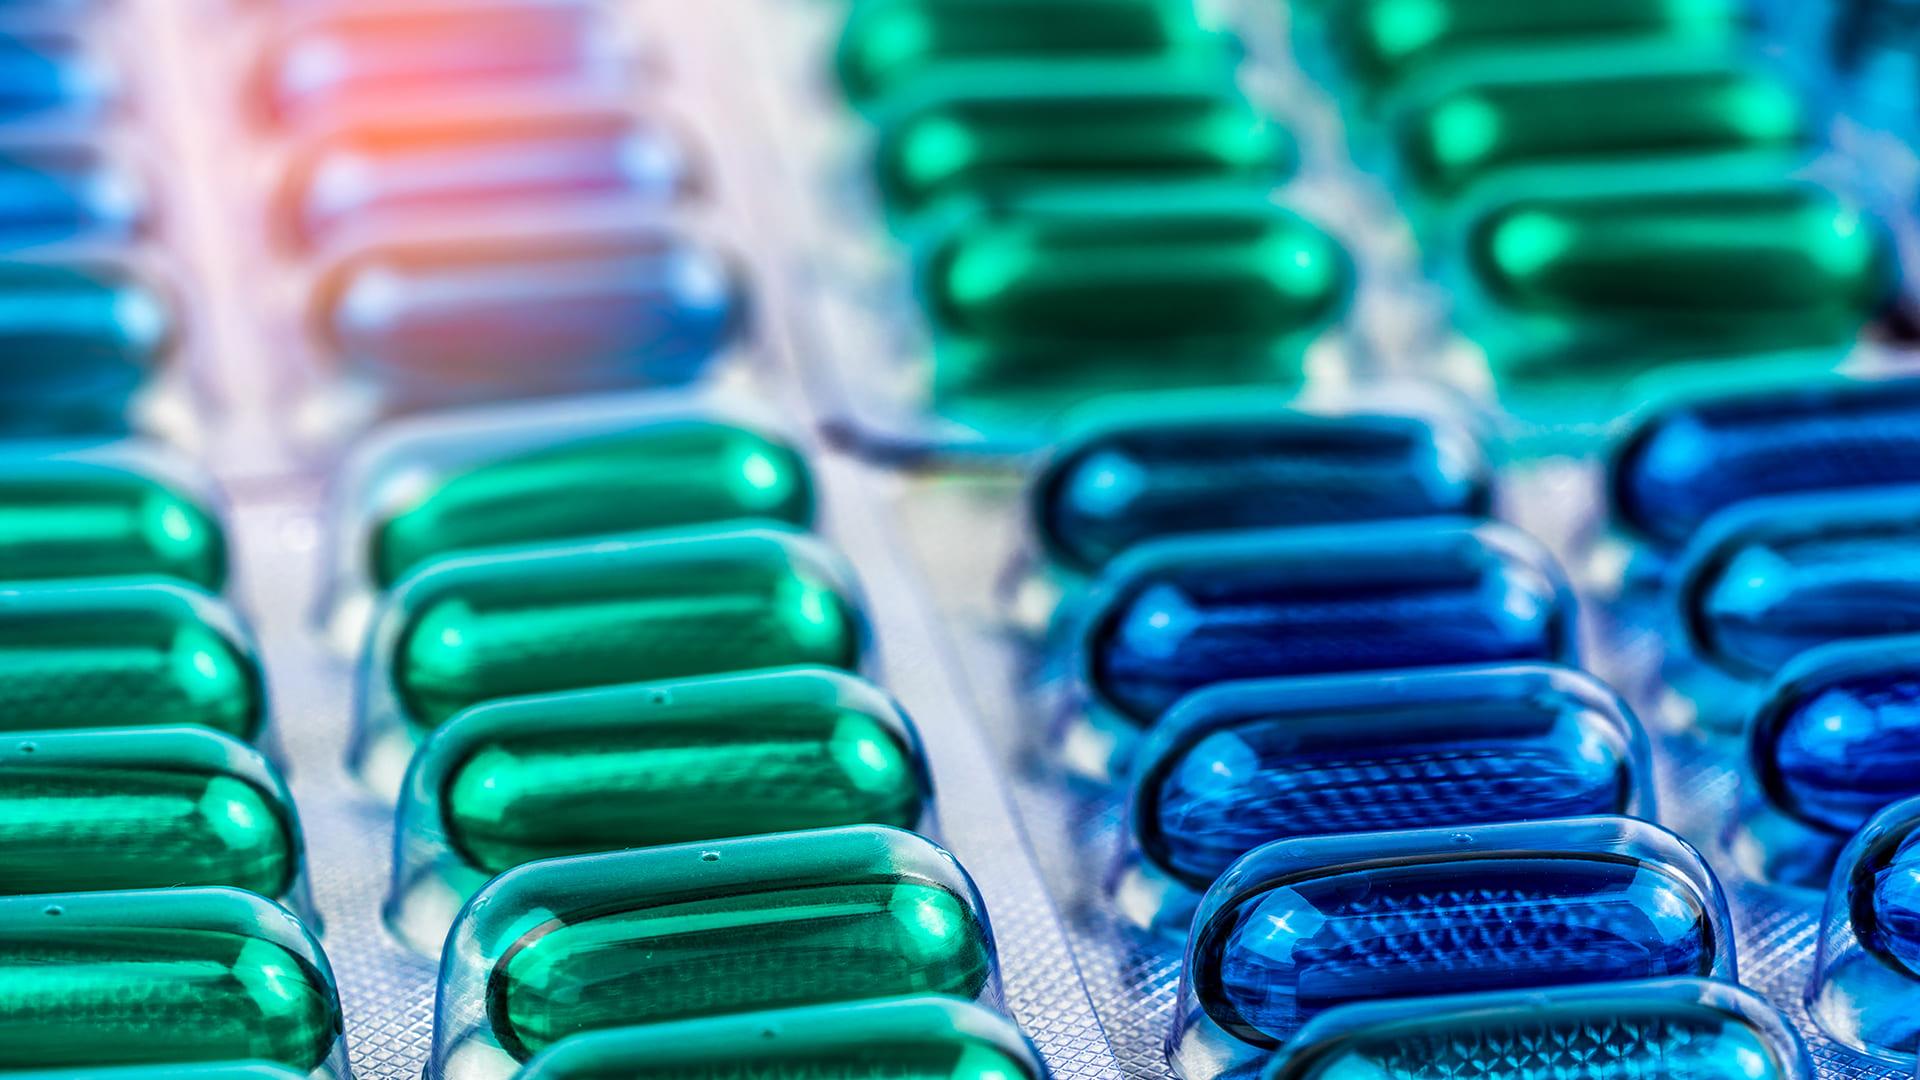 pharmaceutical-gelatin-slide